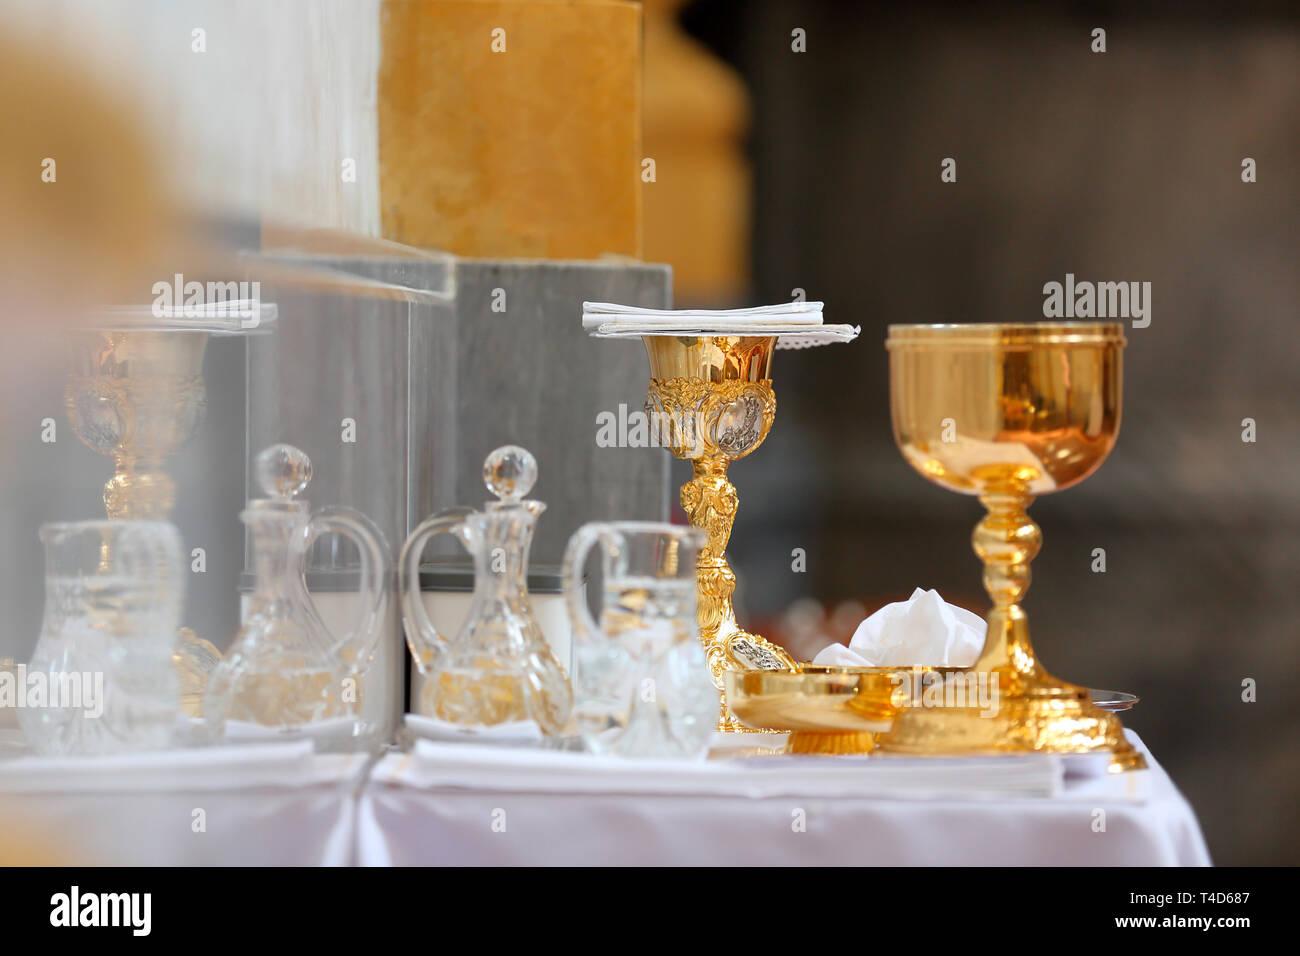 Calici Vino E Acqua calice d oro sull altare e le fiale con vino e acqua prima